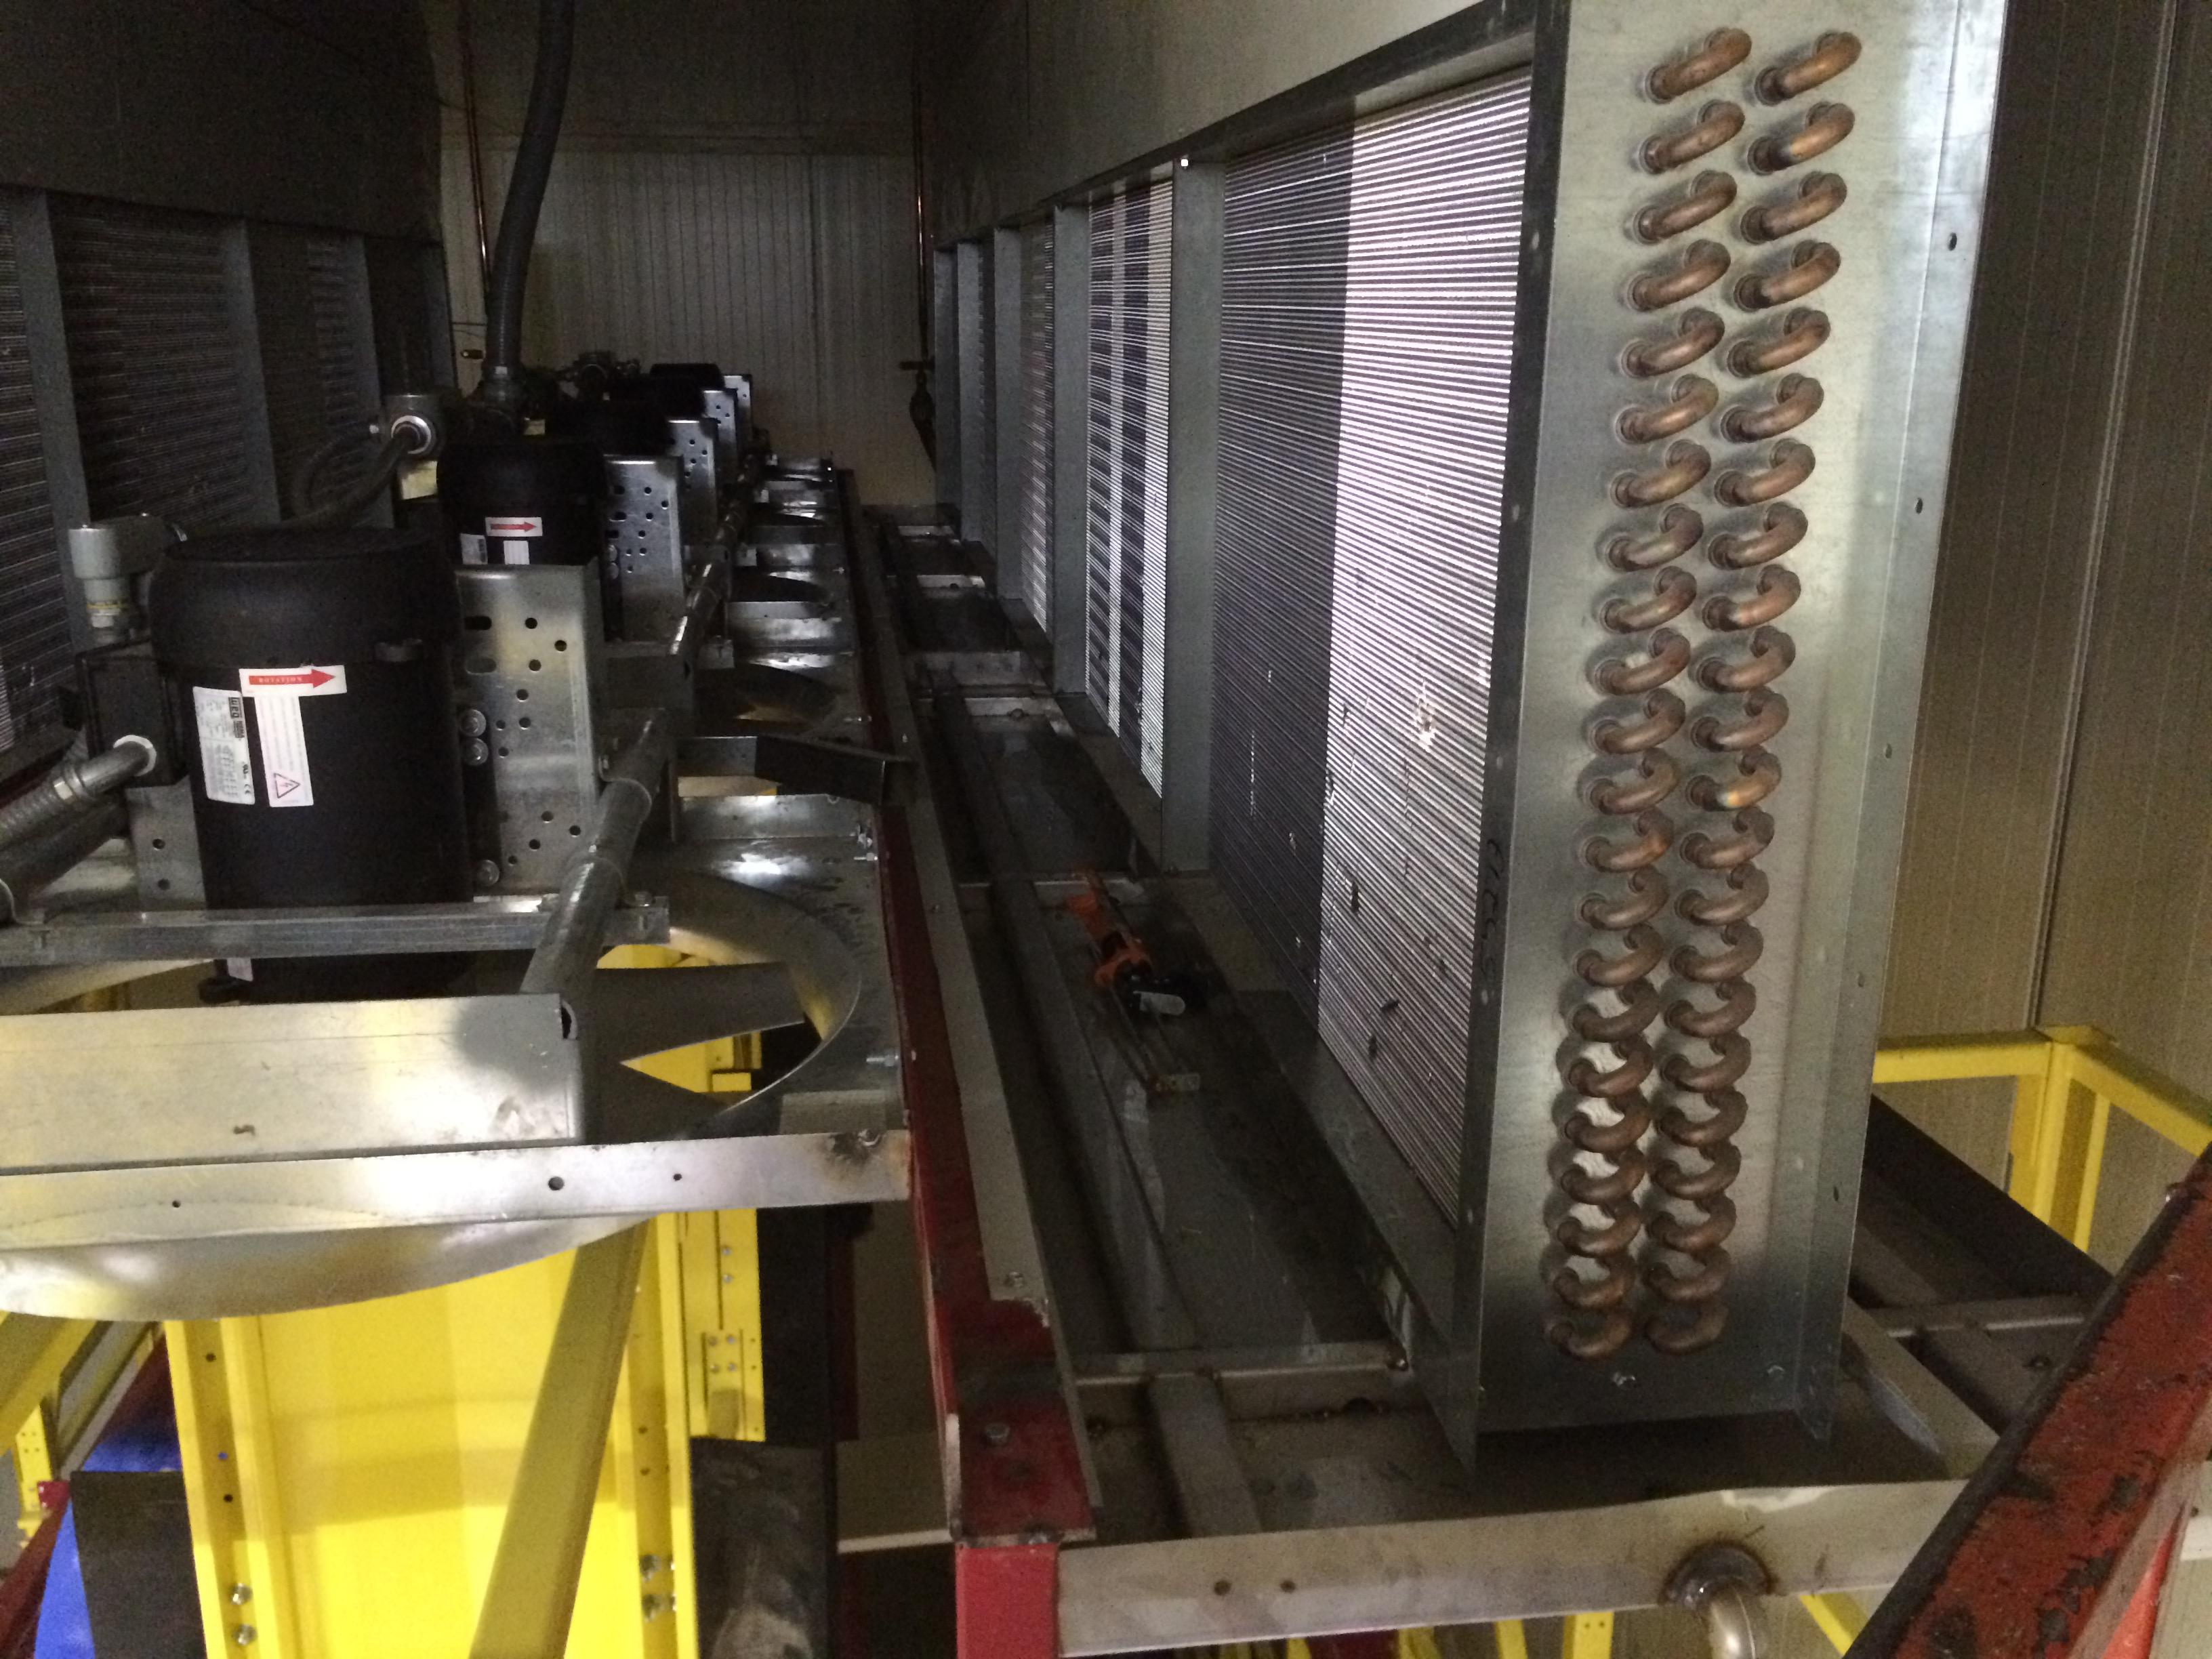 parte interna del sistema de evaporación ( 2 serpentines de avaporadores y 5 ventiladores reversibles)